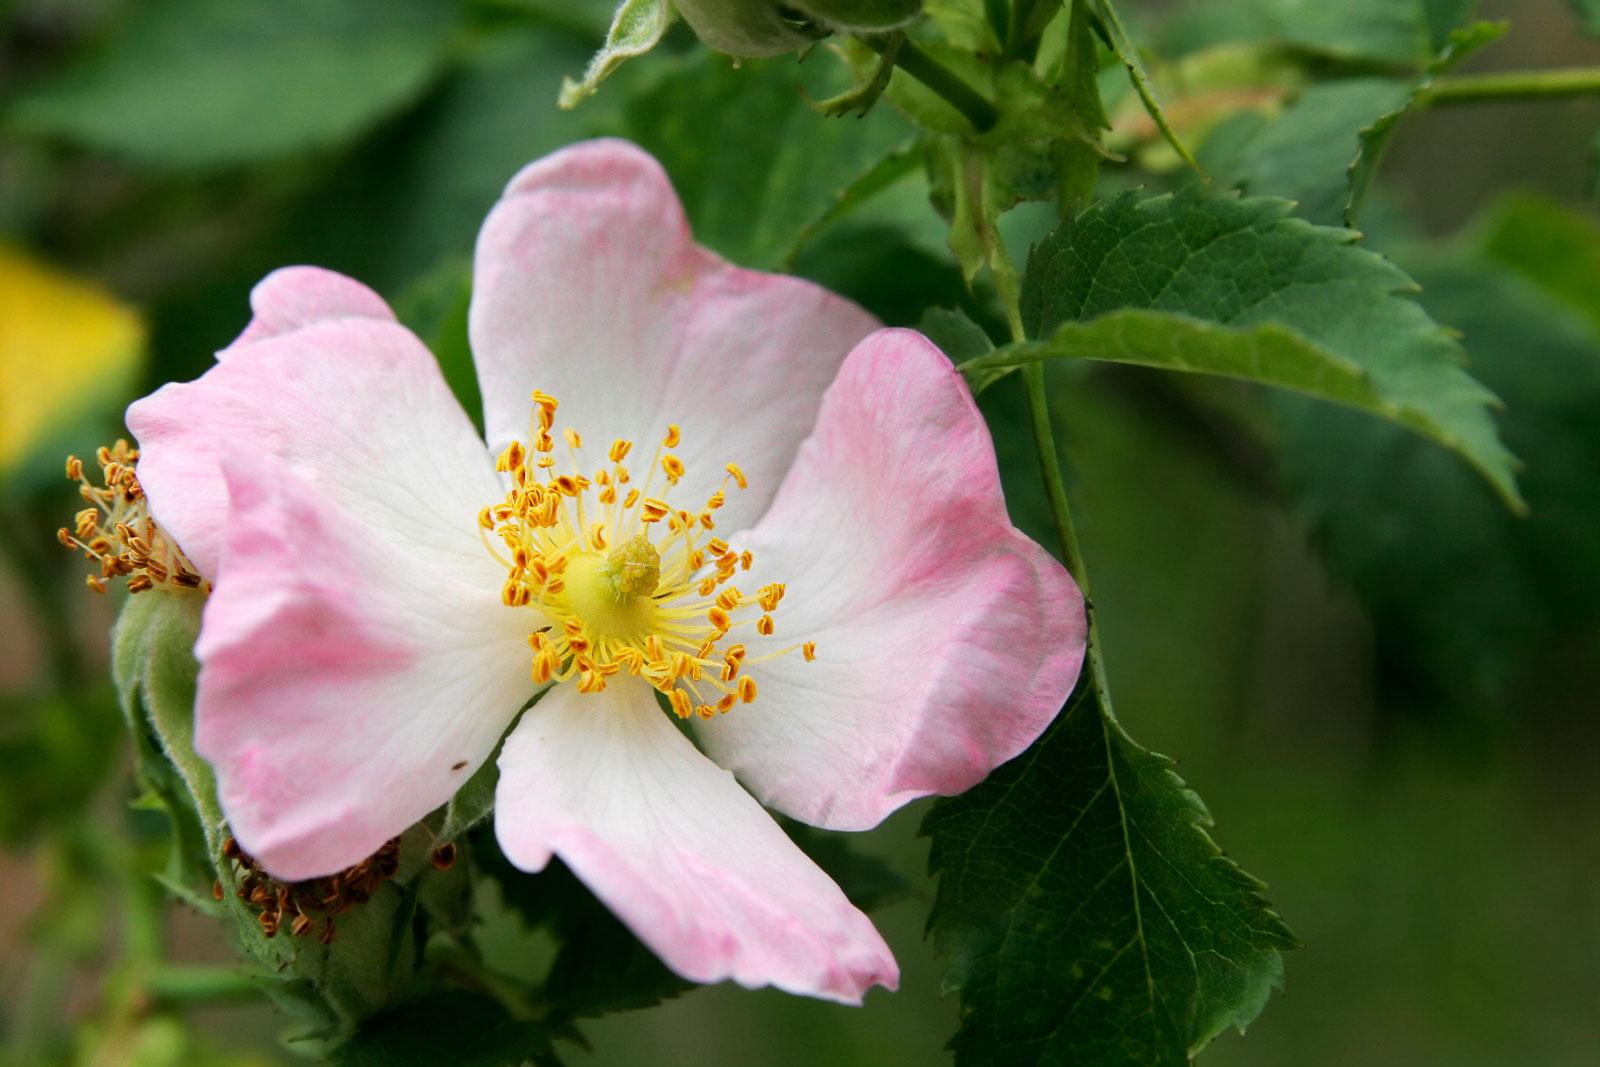 73+ Gambar Bunga Mawar Yang Gugur Terbaik